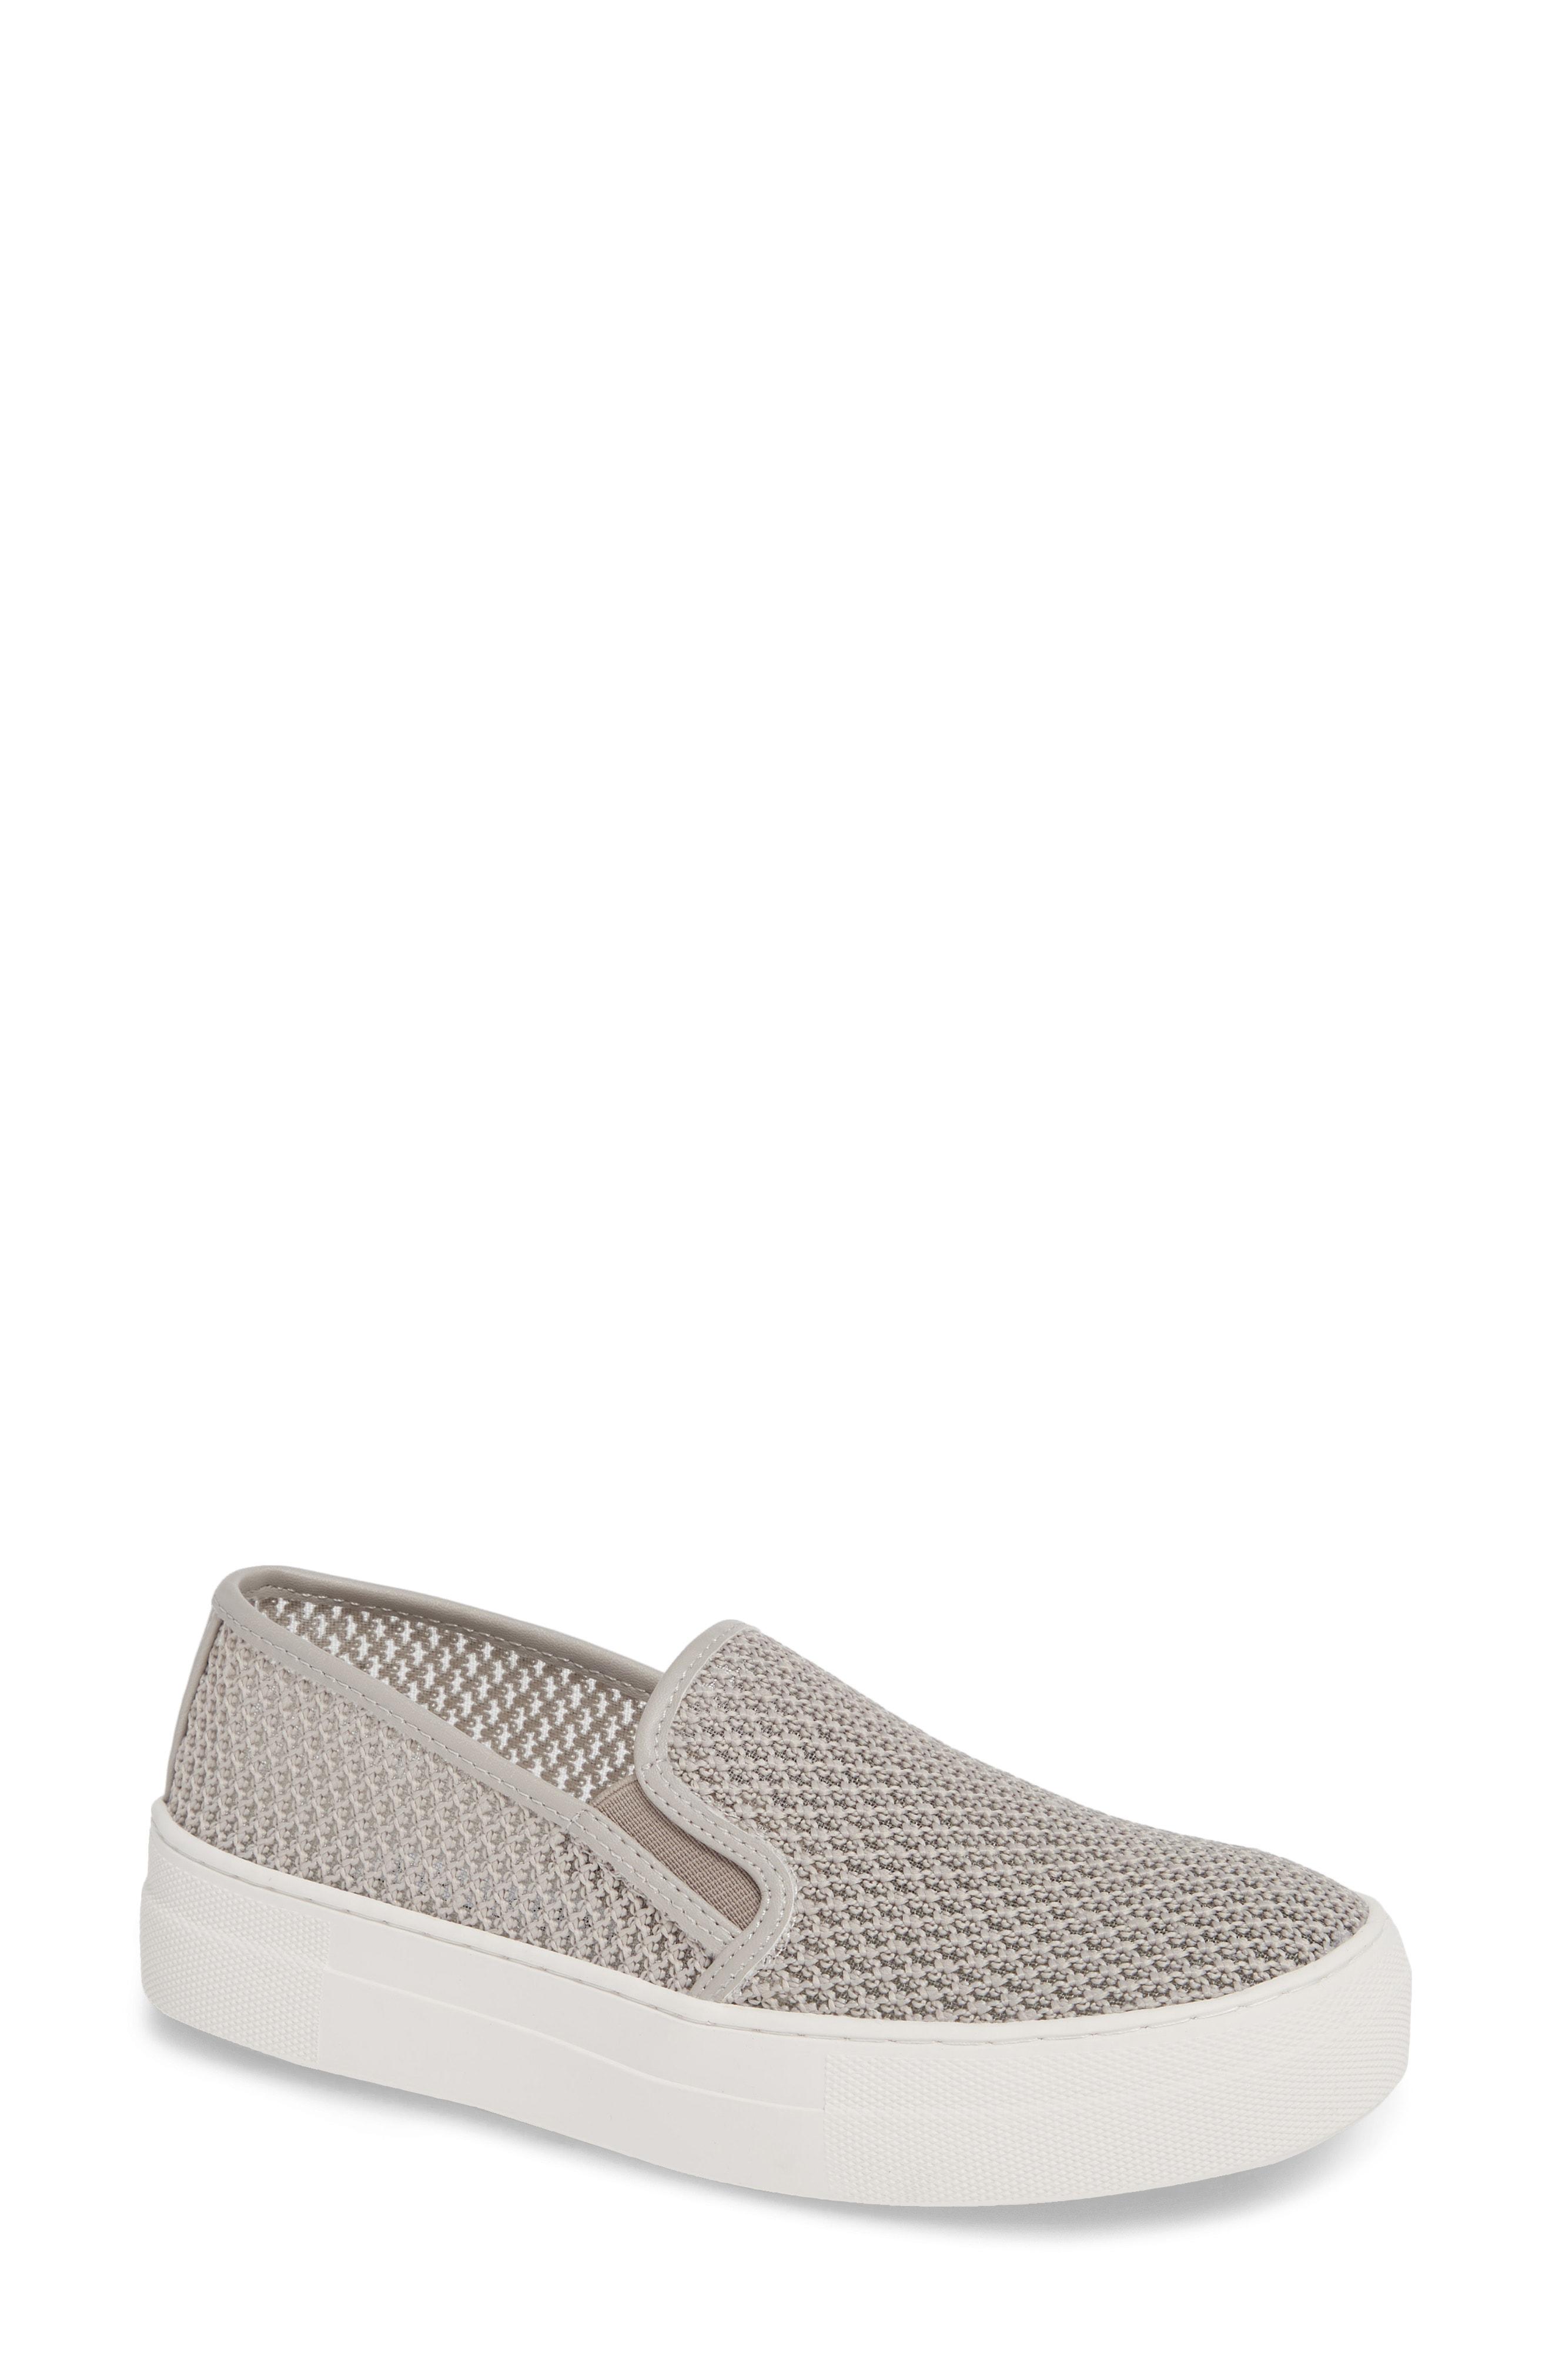 6d67de6c884a Steve Madden Gills-M Mesh Slip-On Sneaker In Grey